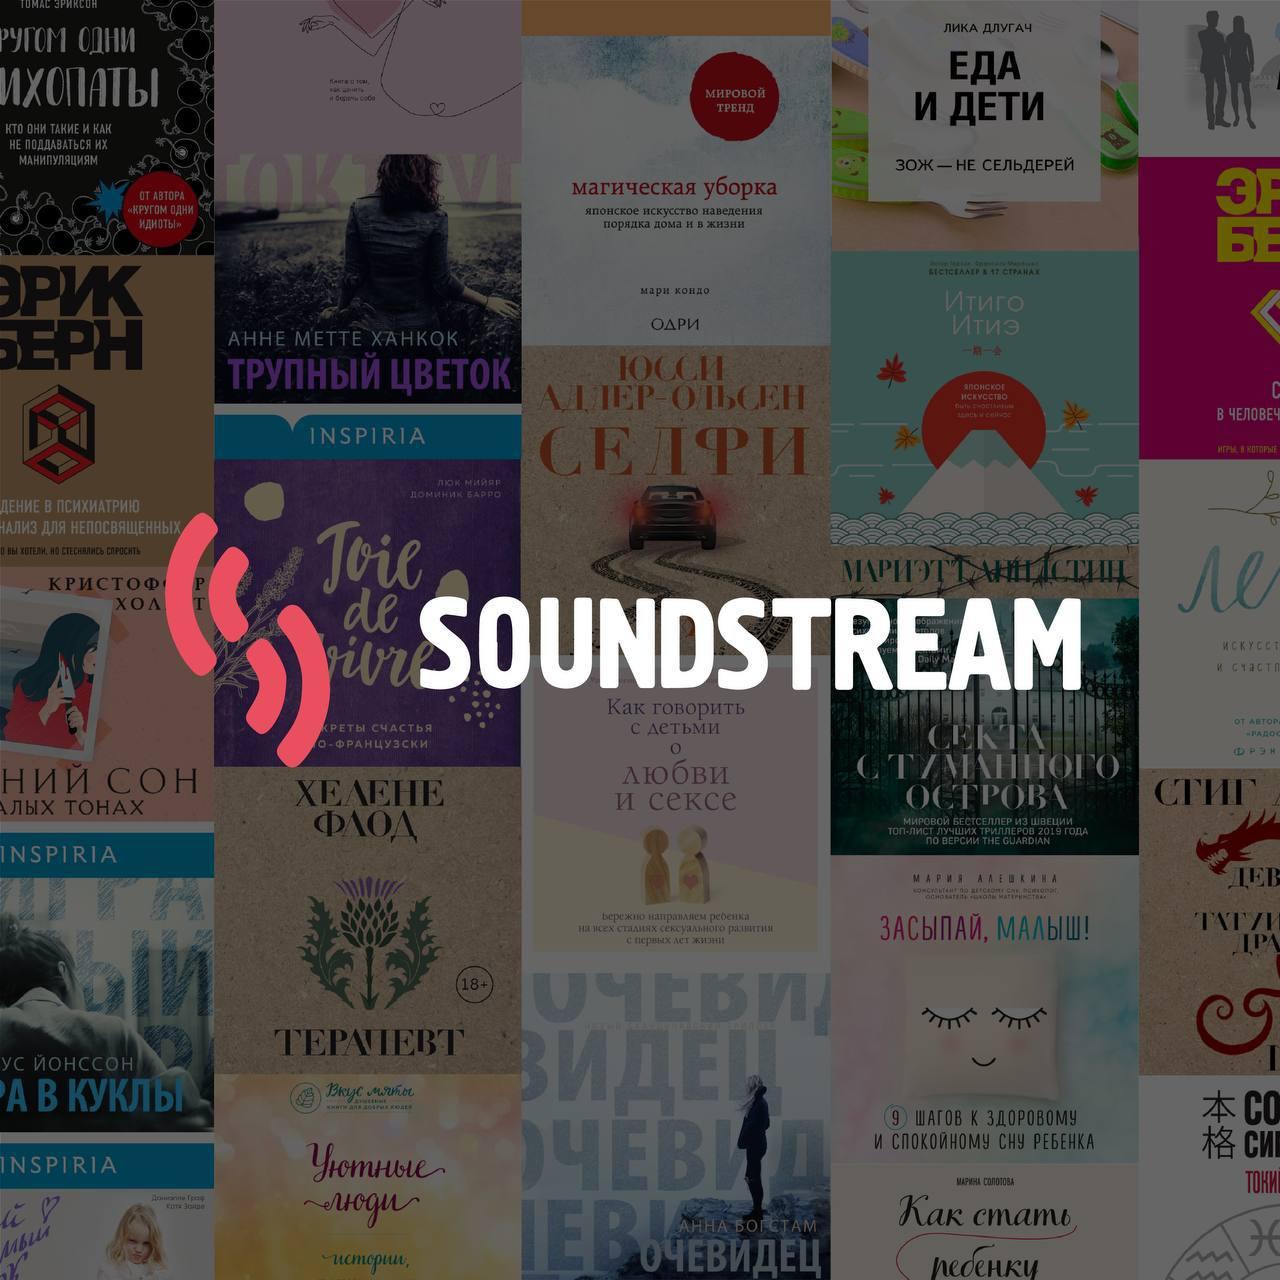 Аудиокниги «Эксмо» появились на платформе SoundStream   На Soundstream можно...